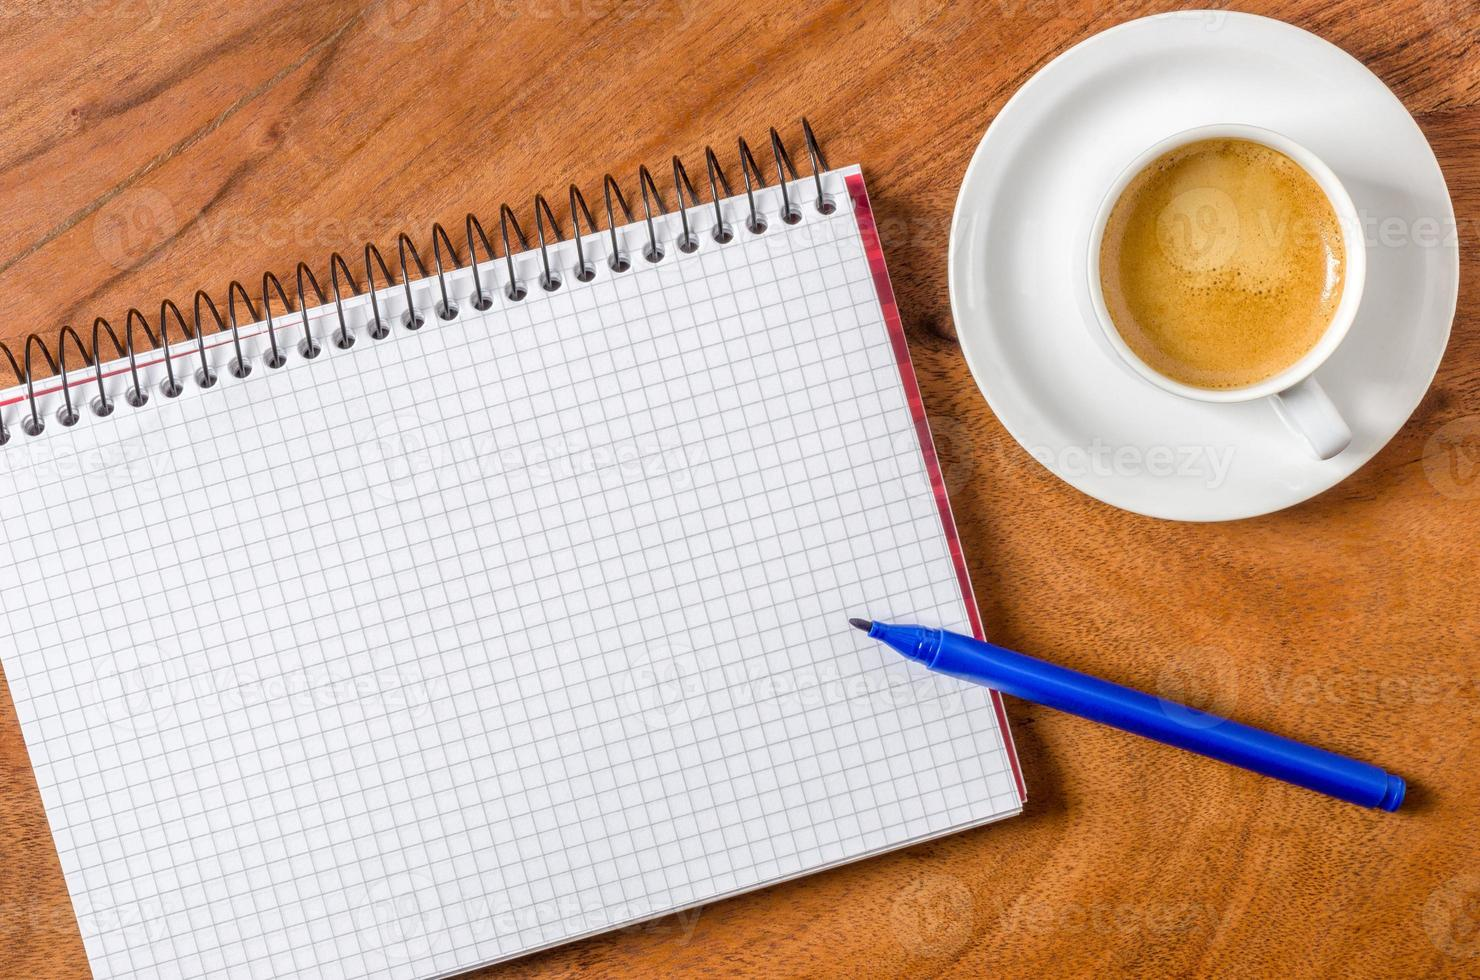 blocco note vuoto con penna ed espresso foto